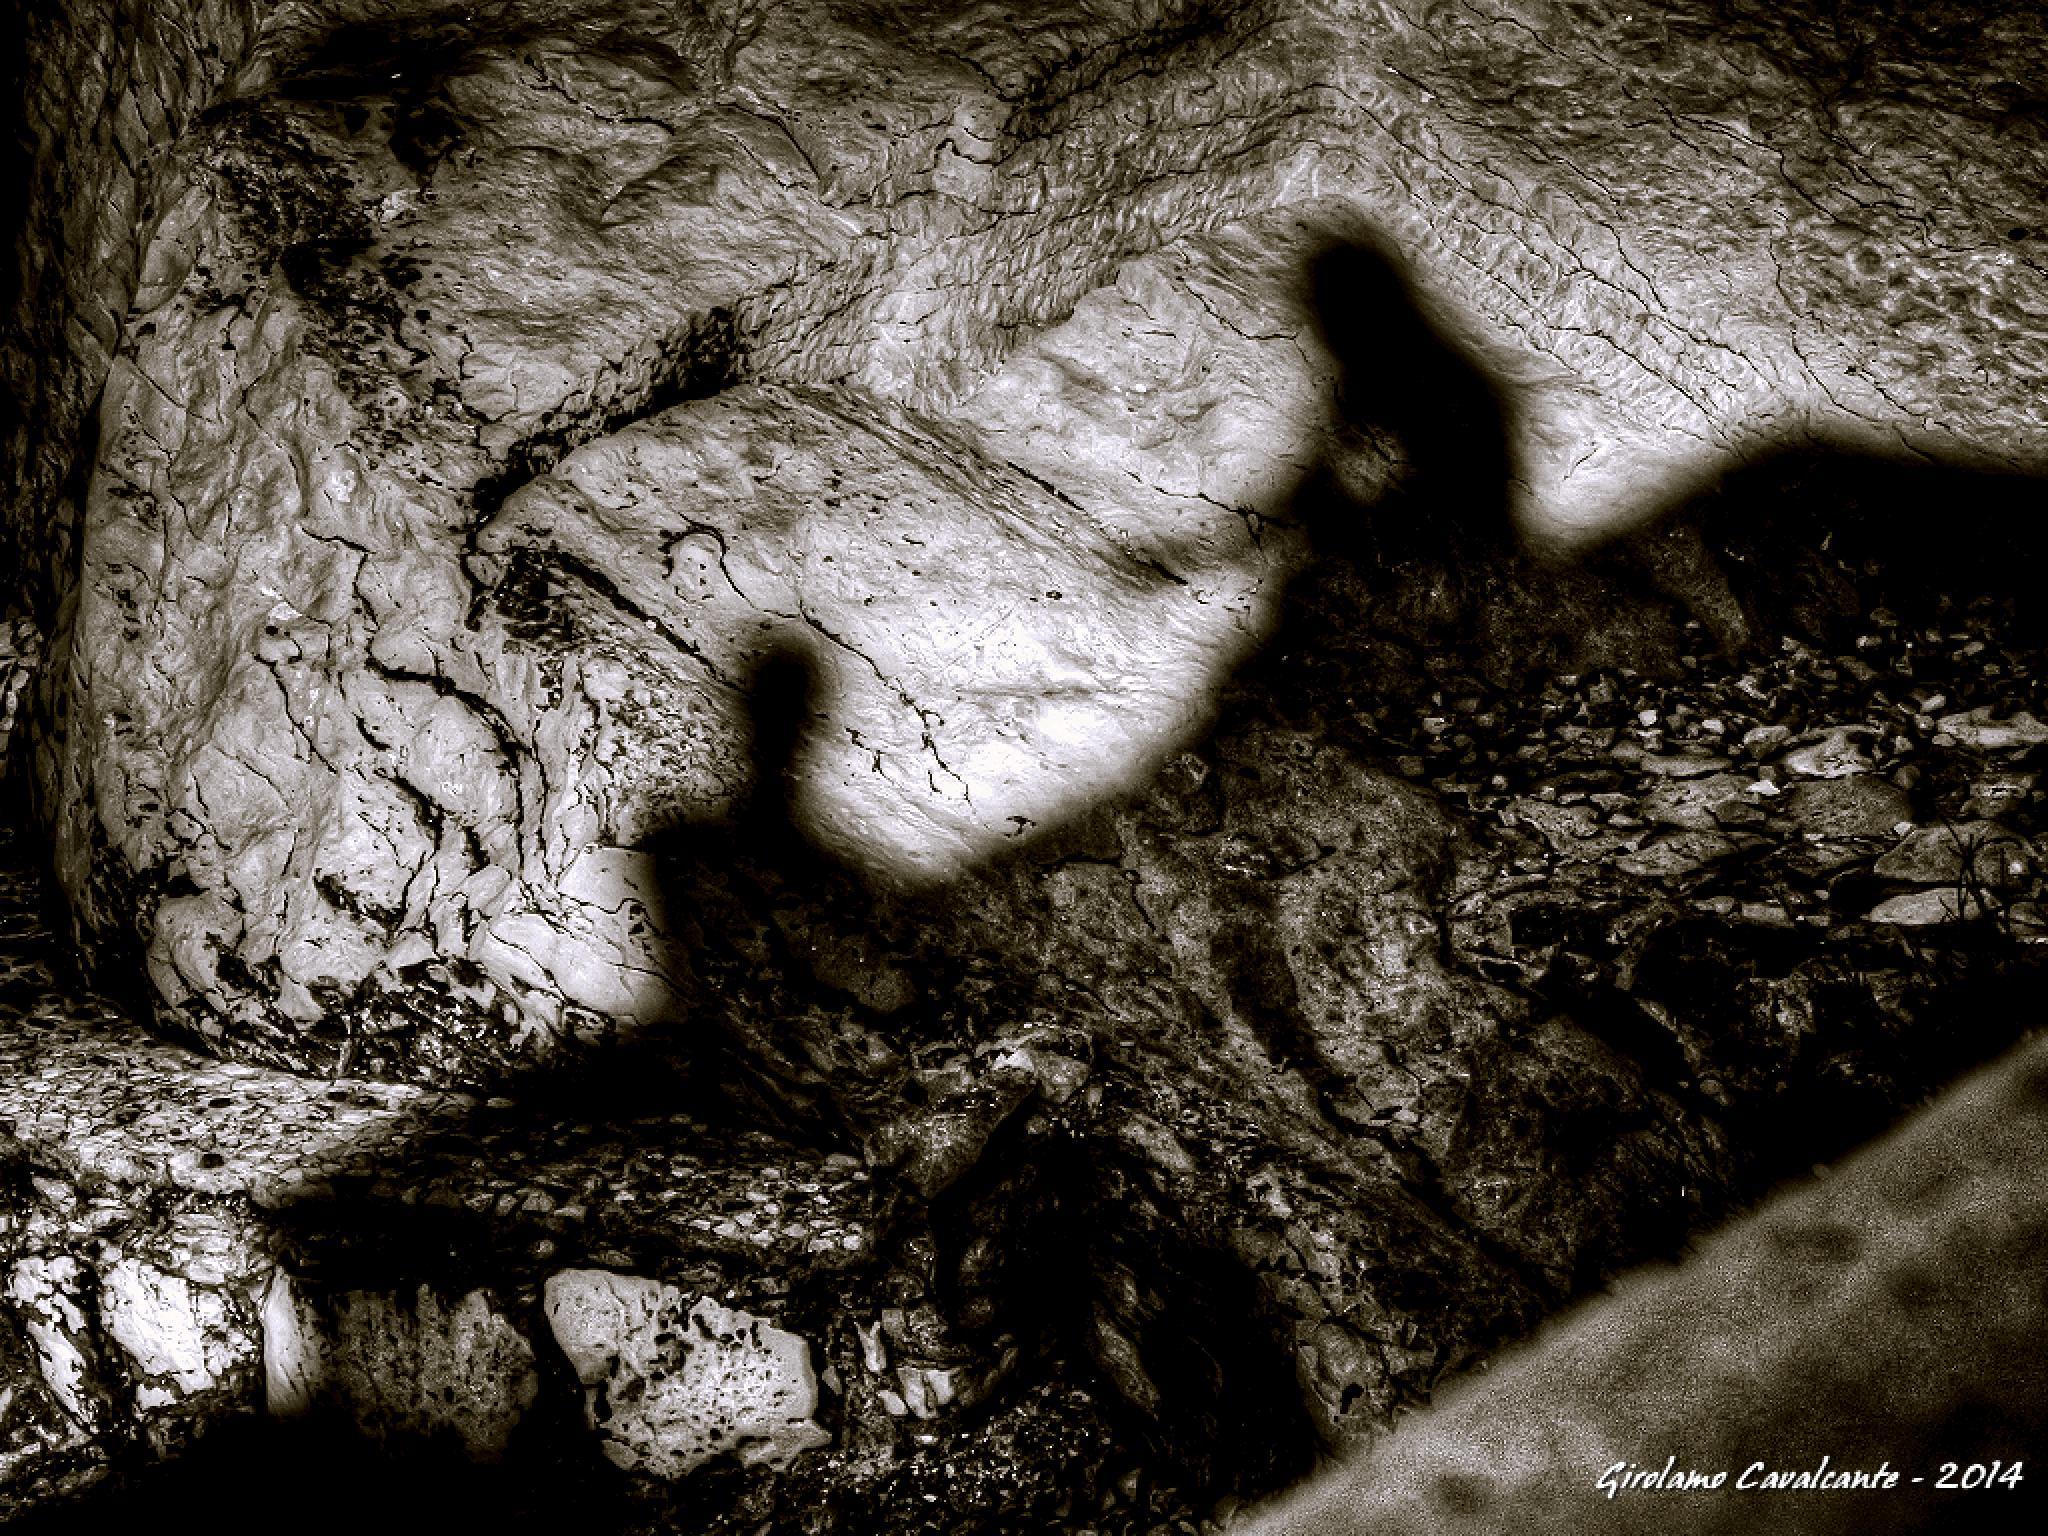 Shadows by GiroPhoto - Girolamo Cavalcante